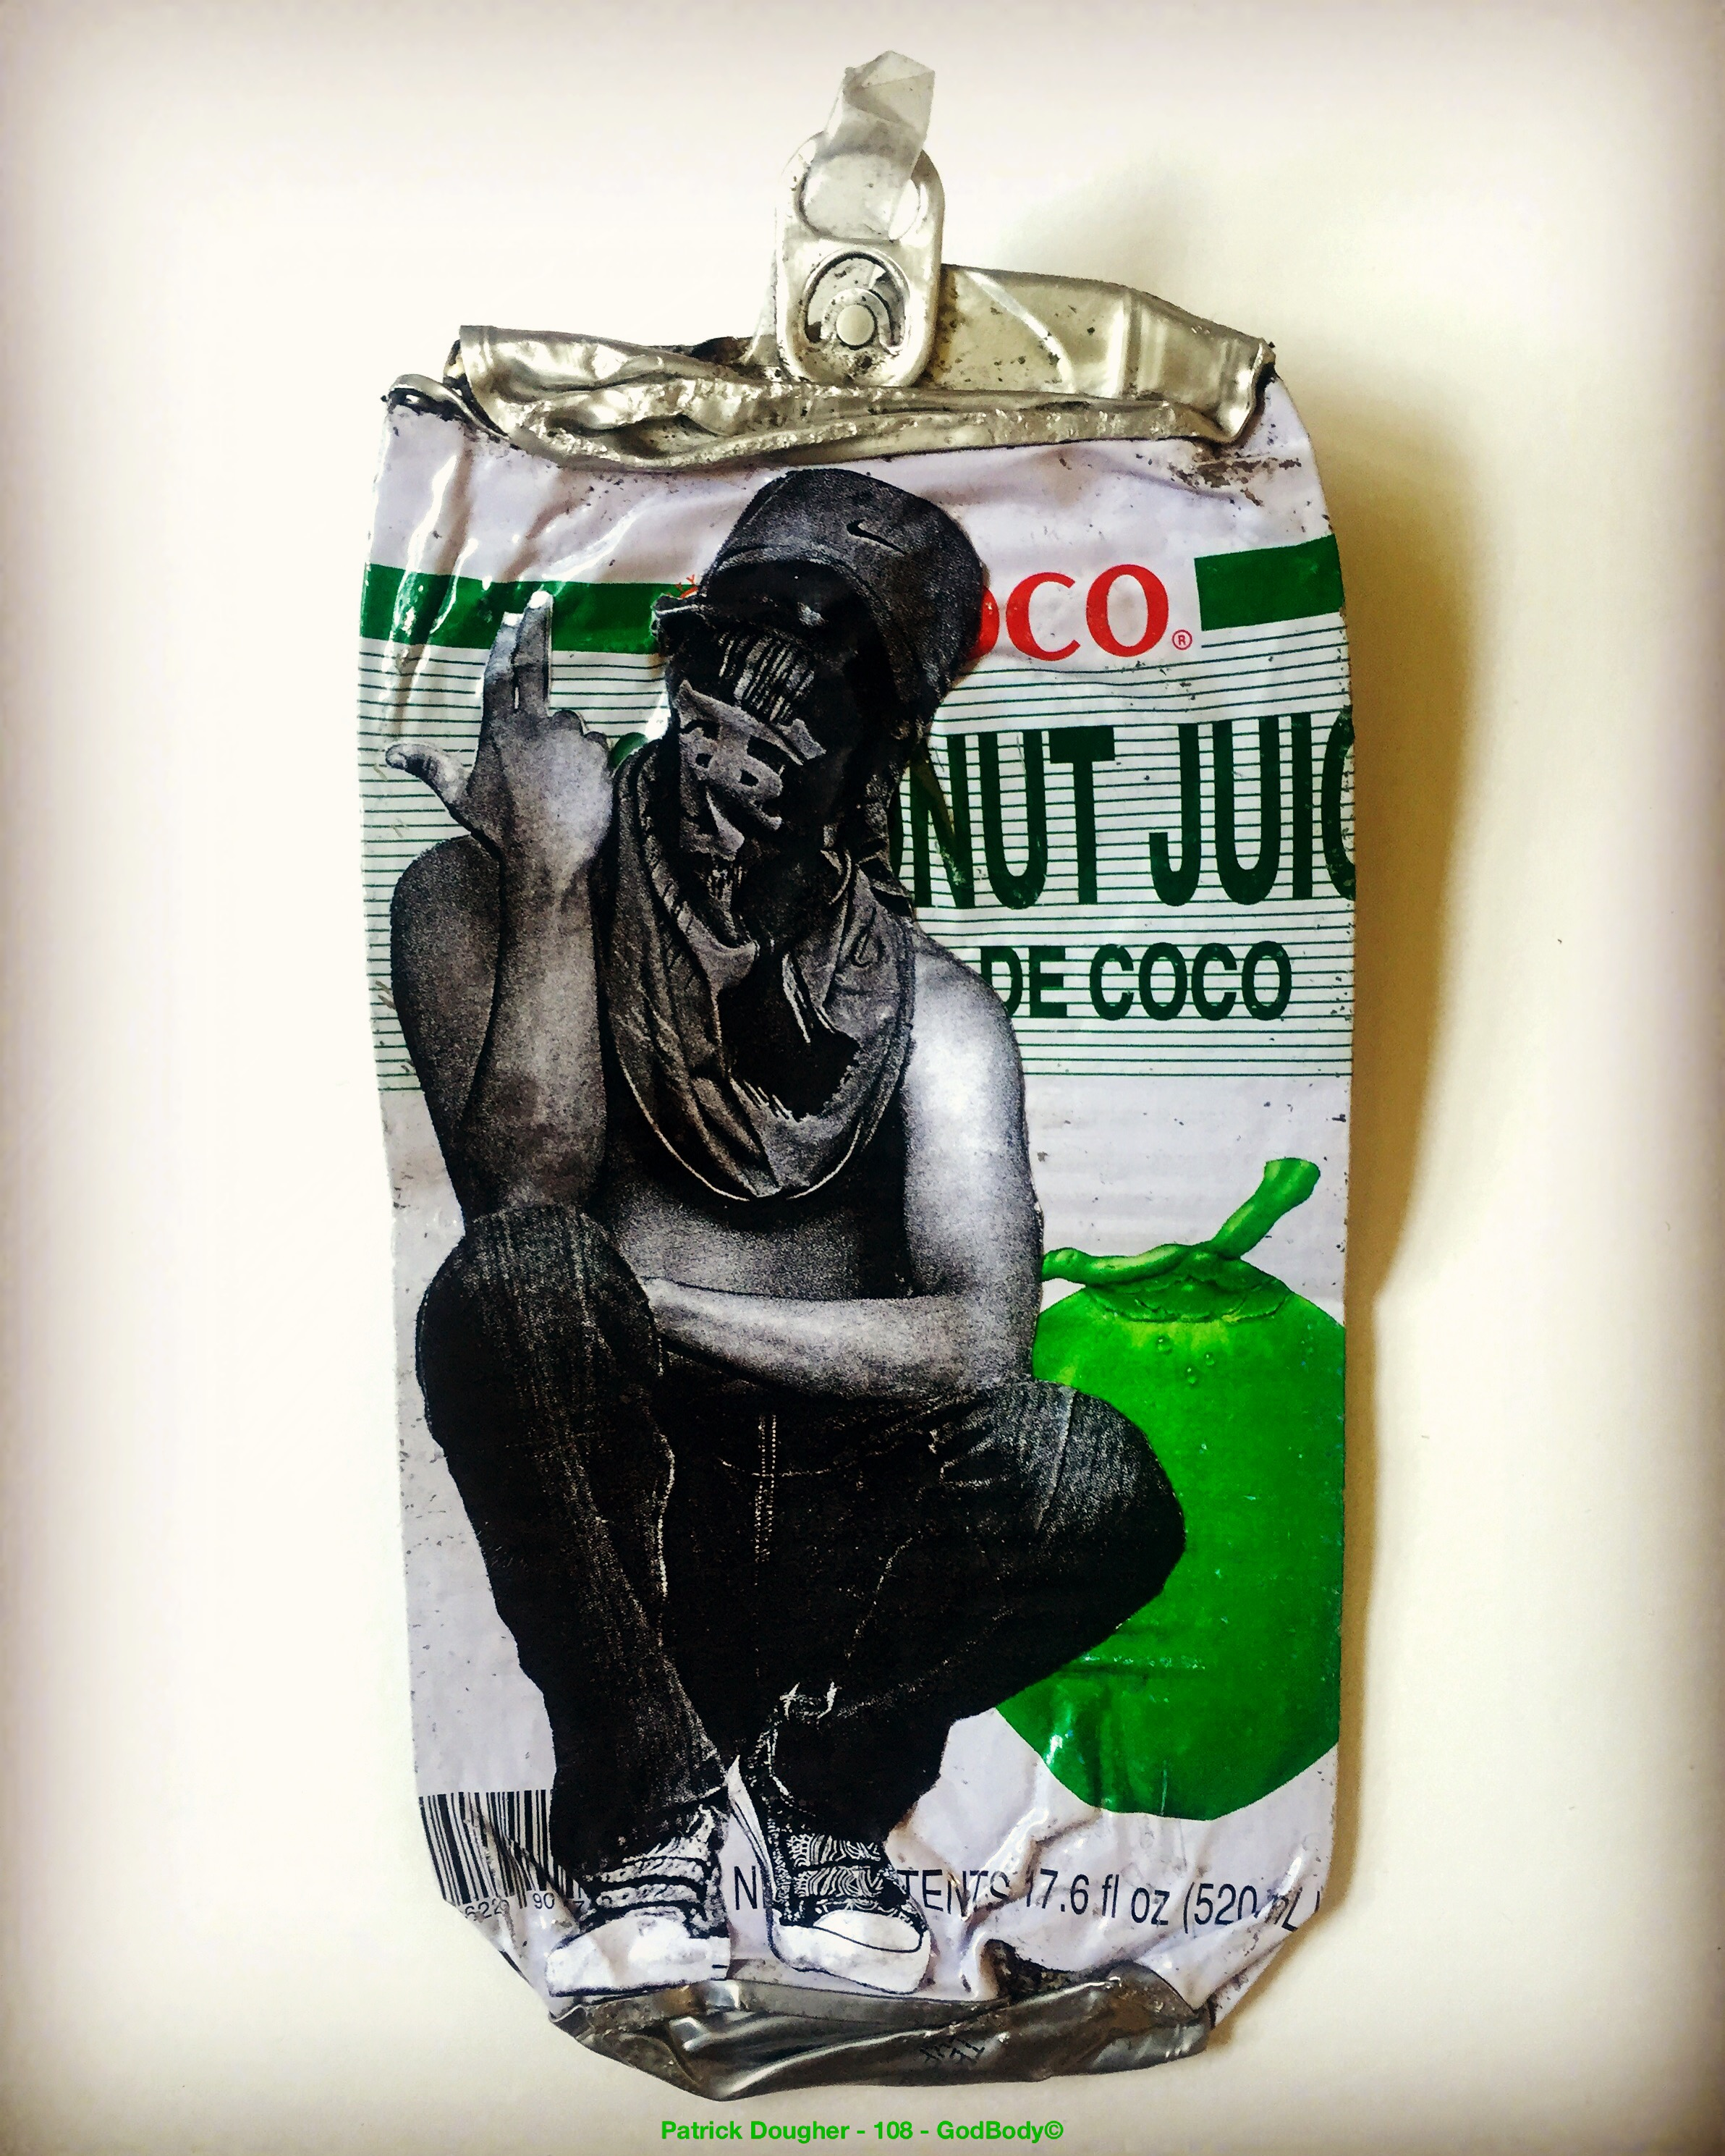 NUT JUICE